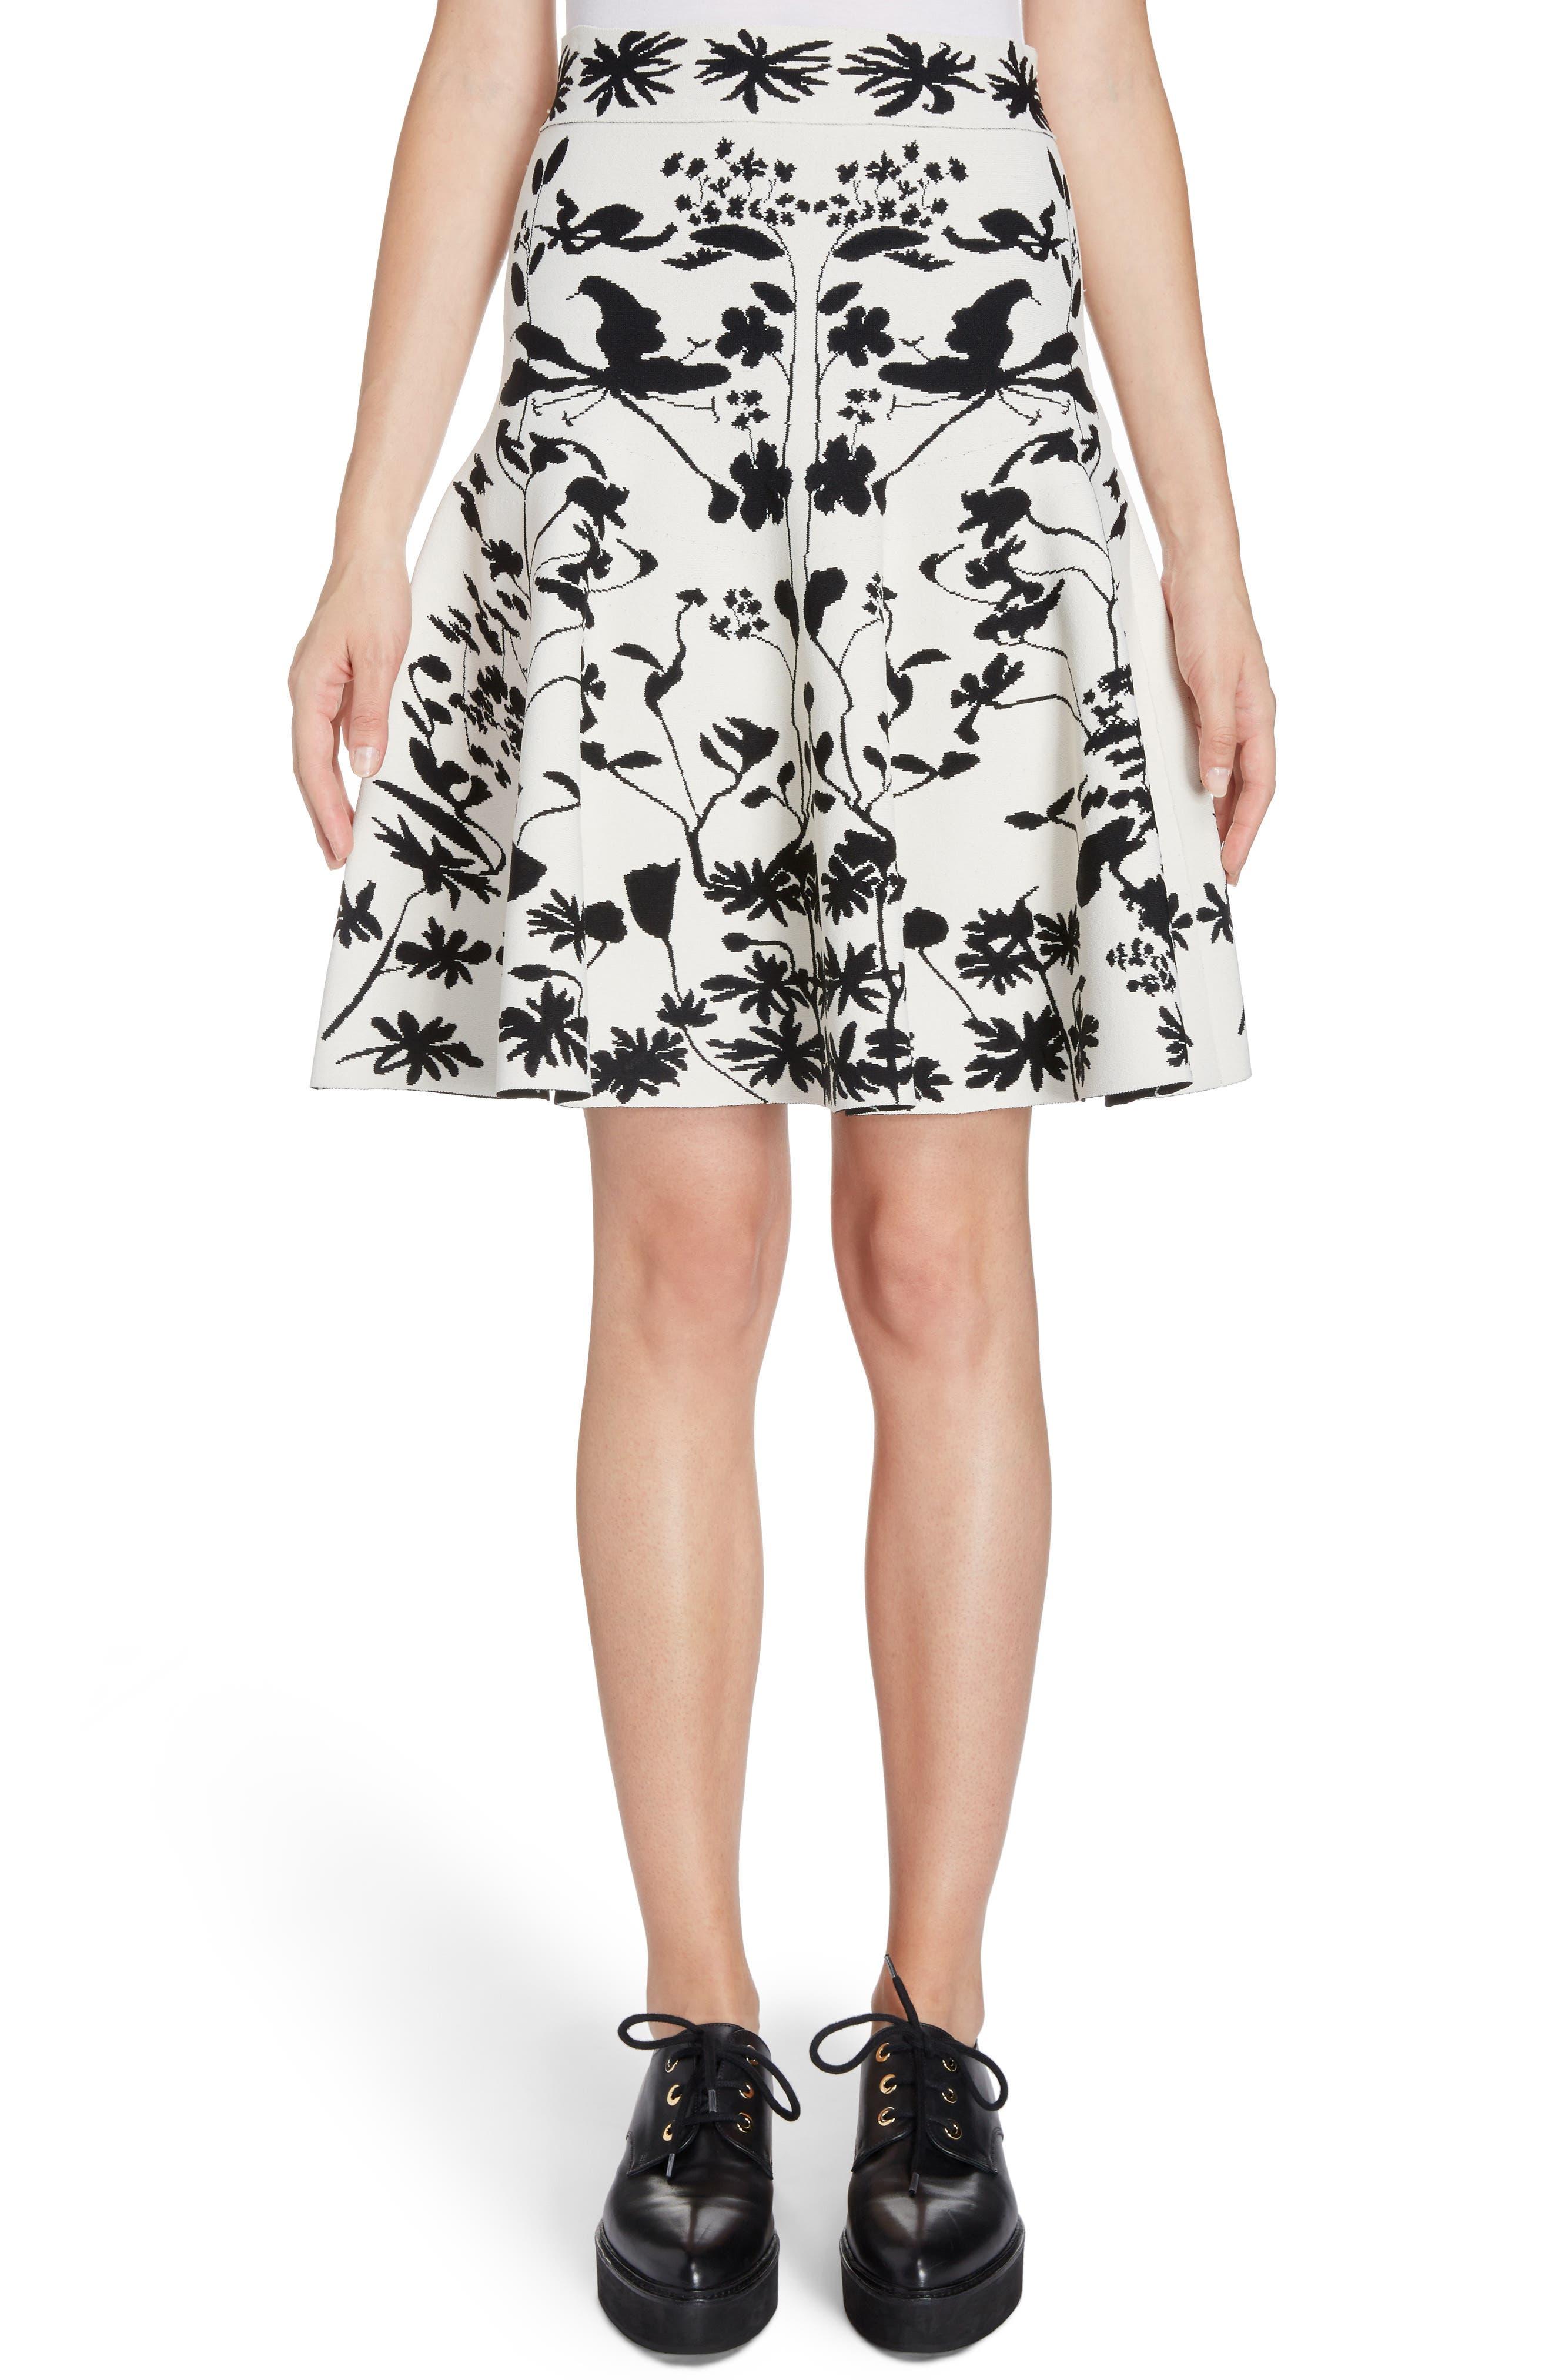 Botanical Jacquard Knit Flounce Skirt,                             Main thumbnail 1, color,                             Ivory/ Black